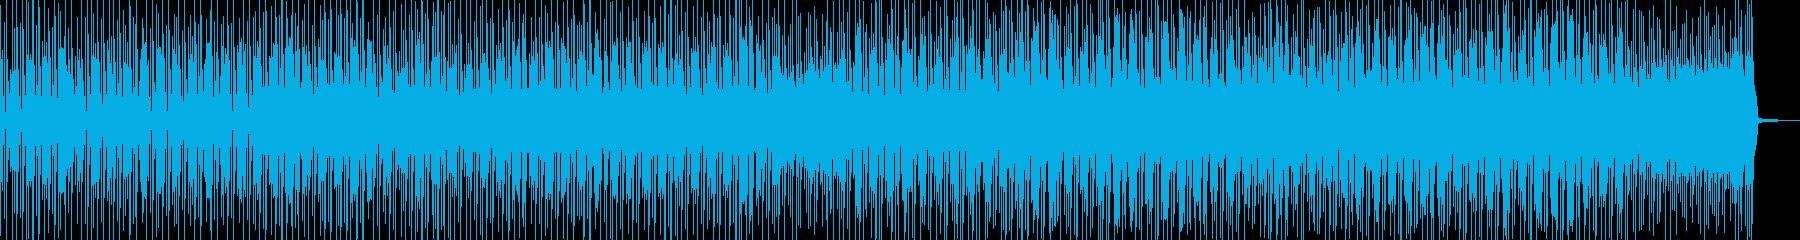 徐々に賑わう動画に・2部構成ポップス Dの再生済みの波形